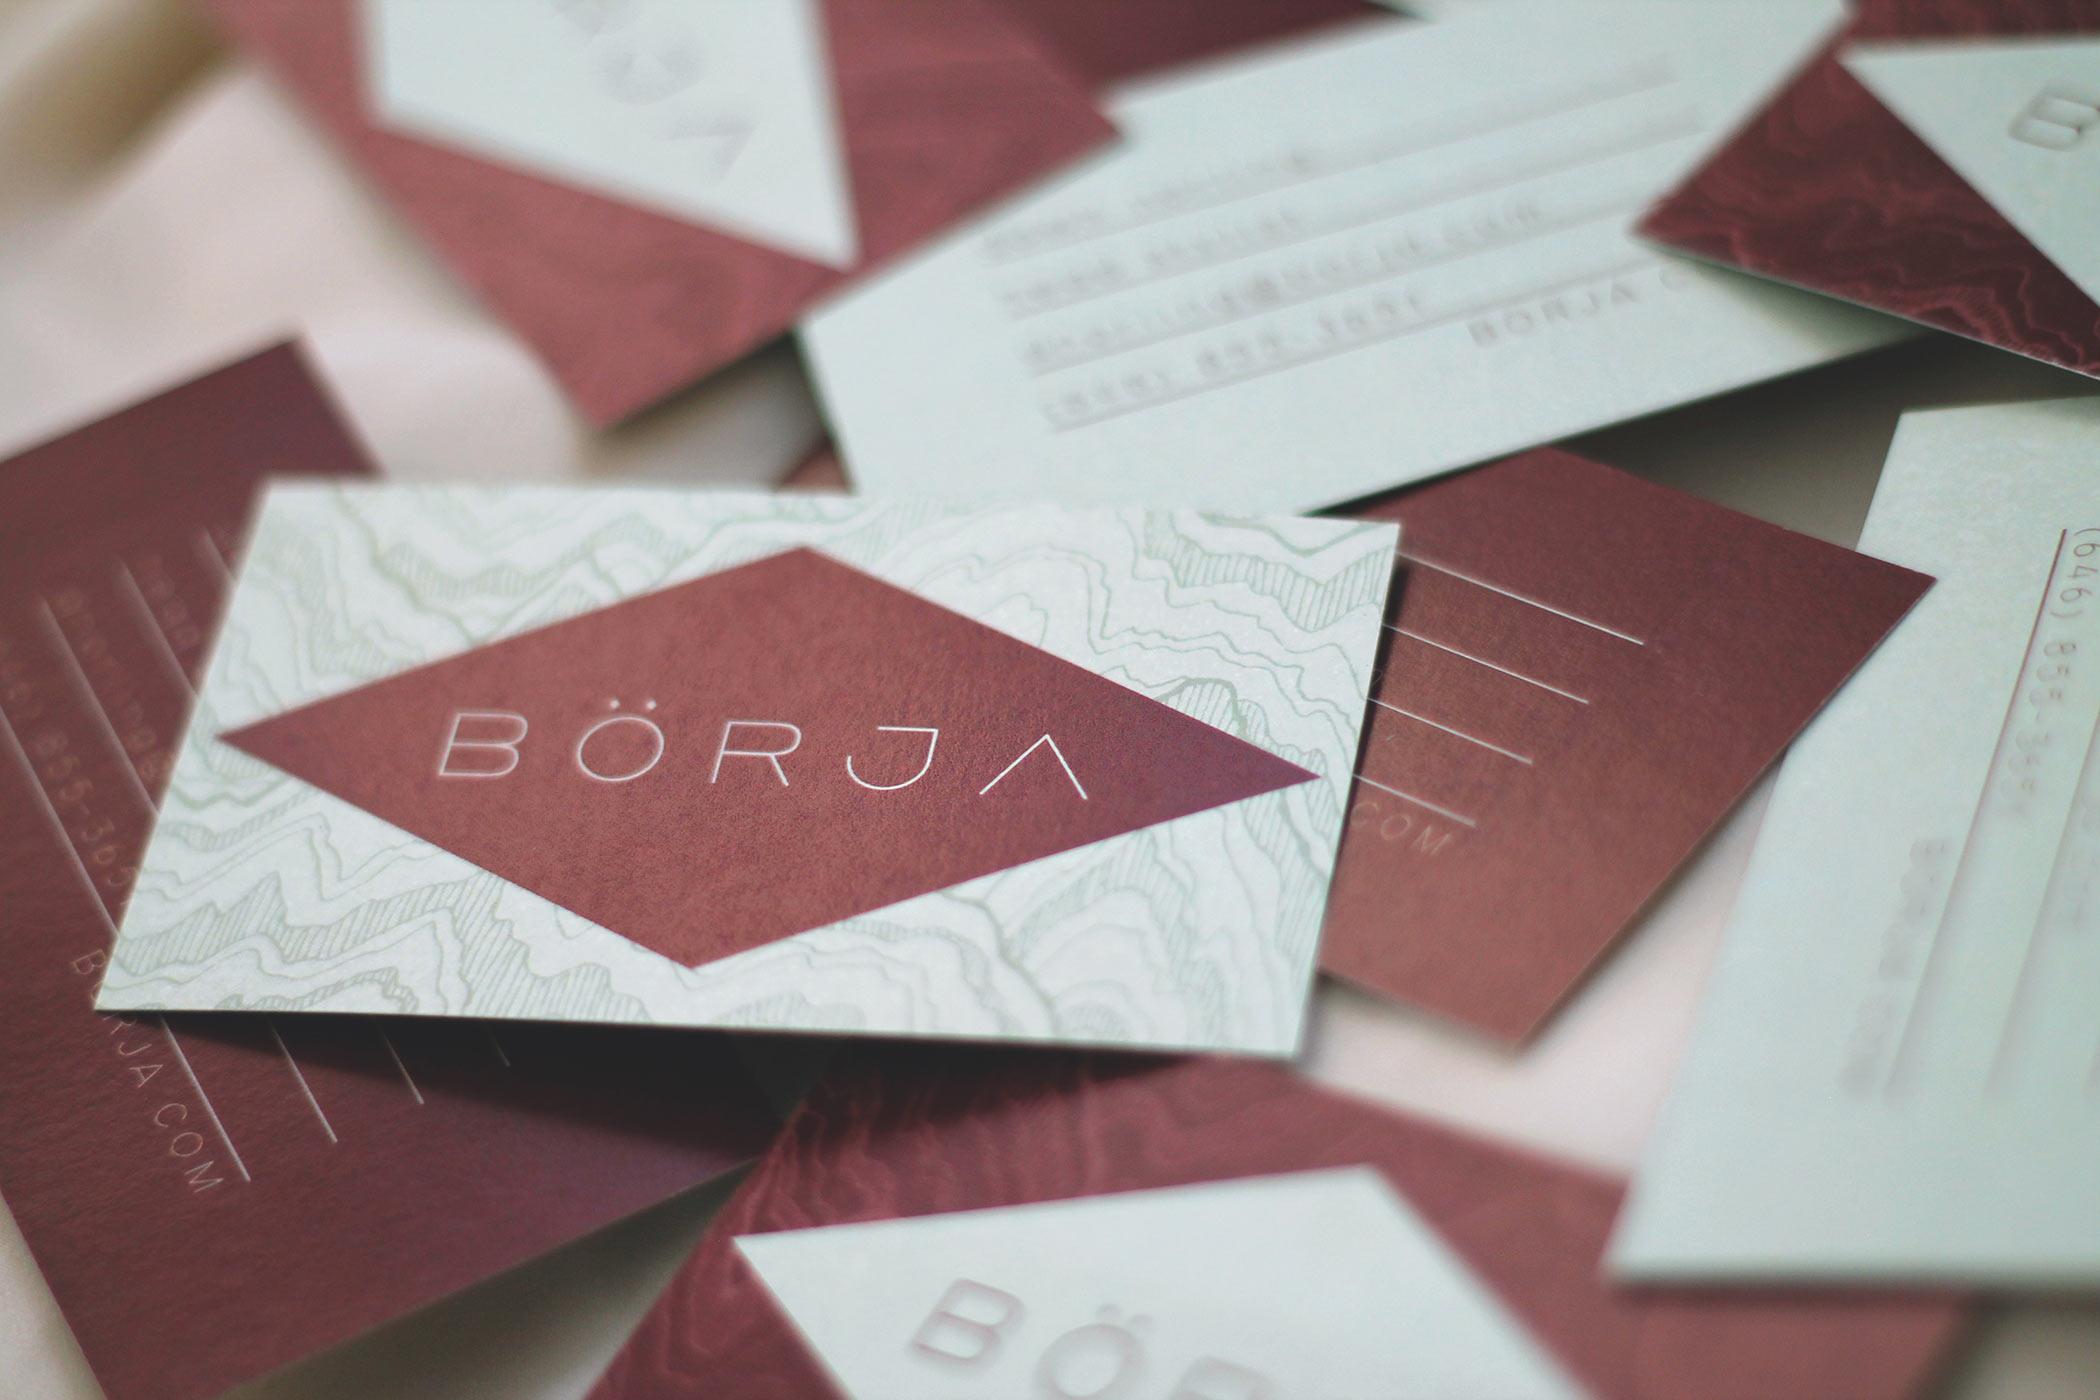 Borja3.jpg